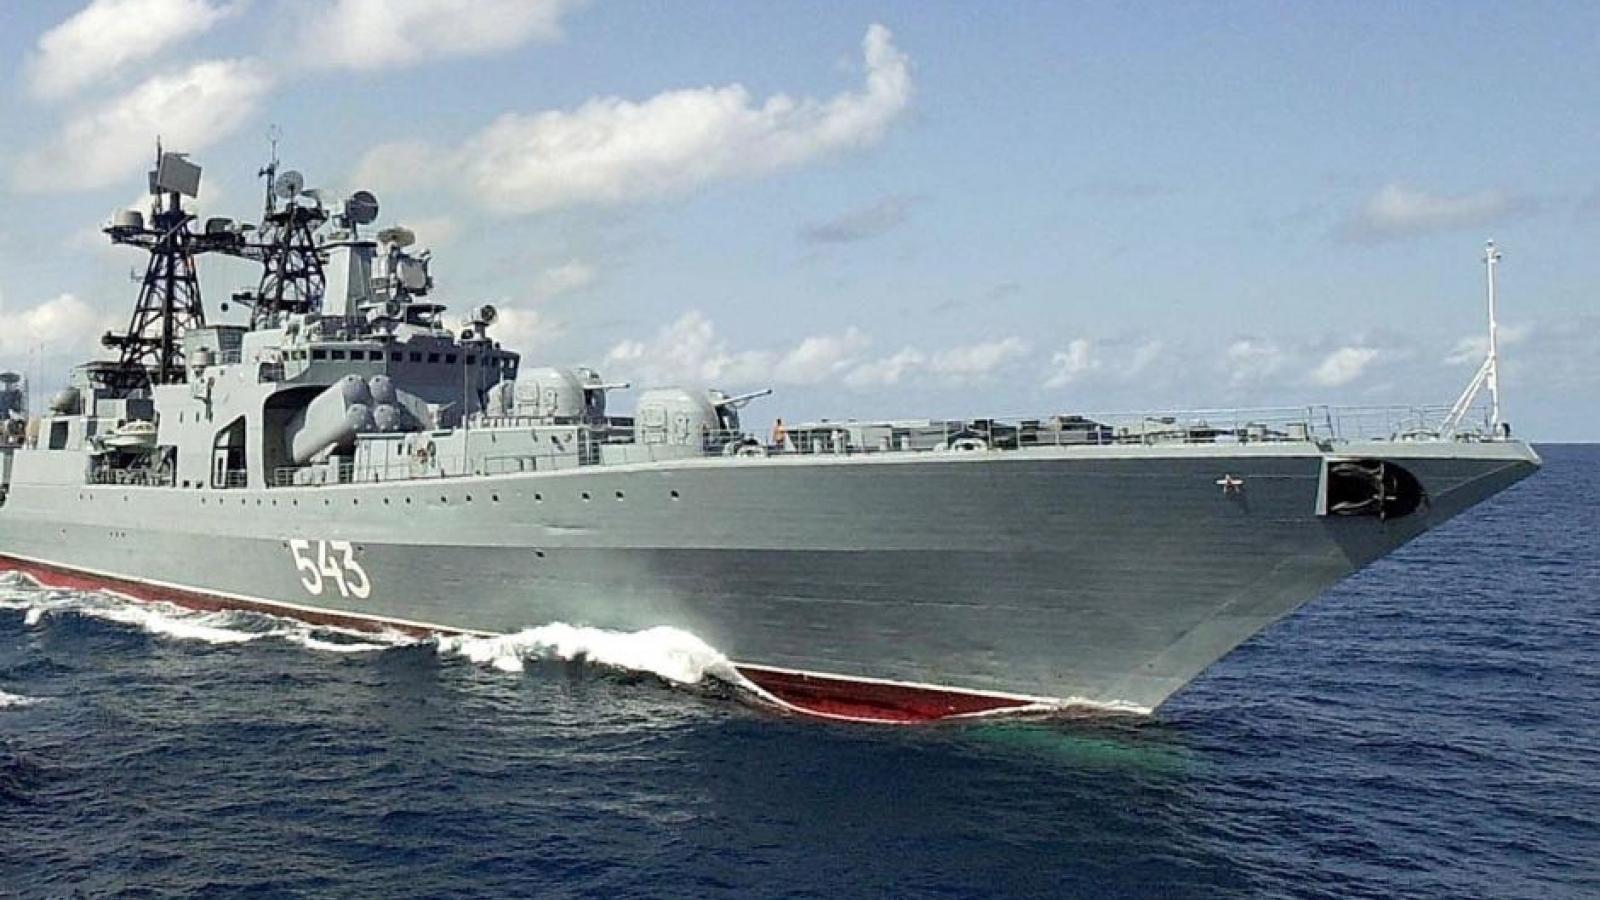 Khu trục hạm của Nga phóng ngư lôi và tên lửa trên Biển Nhật Bản